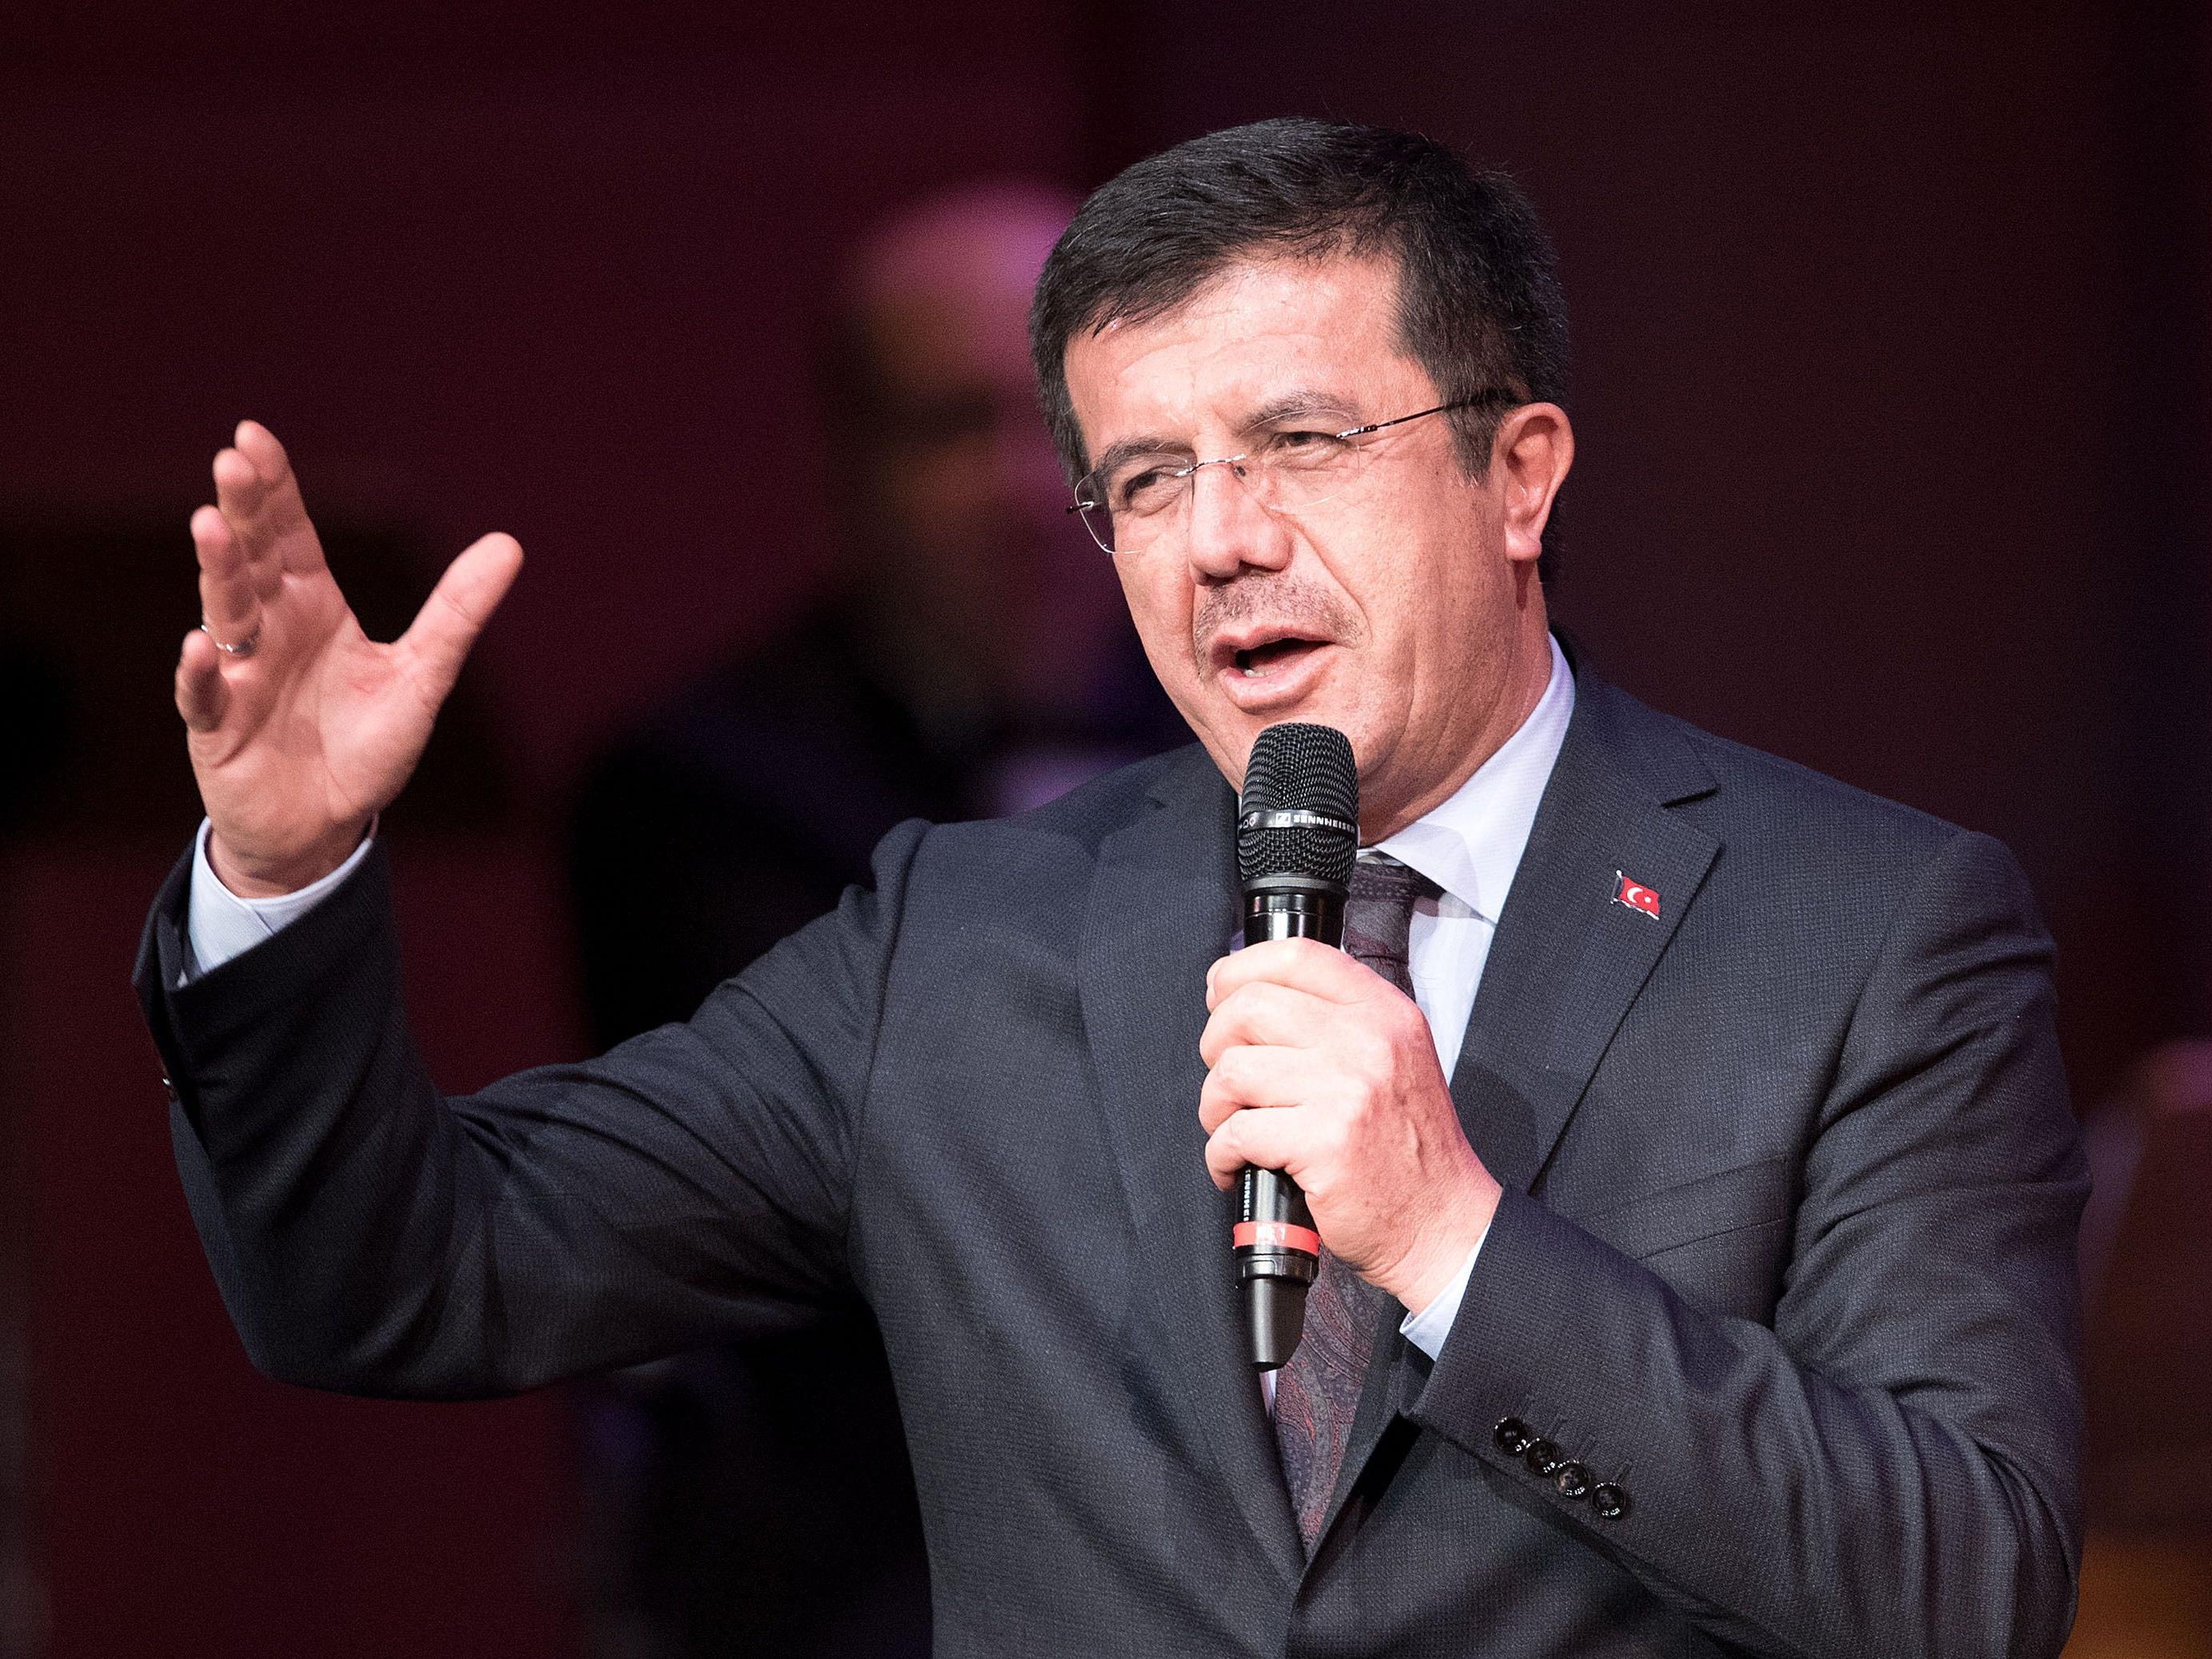 Finden Sie das Auftrittsverbot für den türkischen Minister gerechtfertigt?